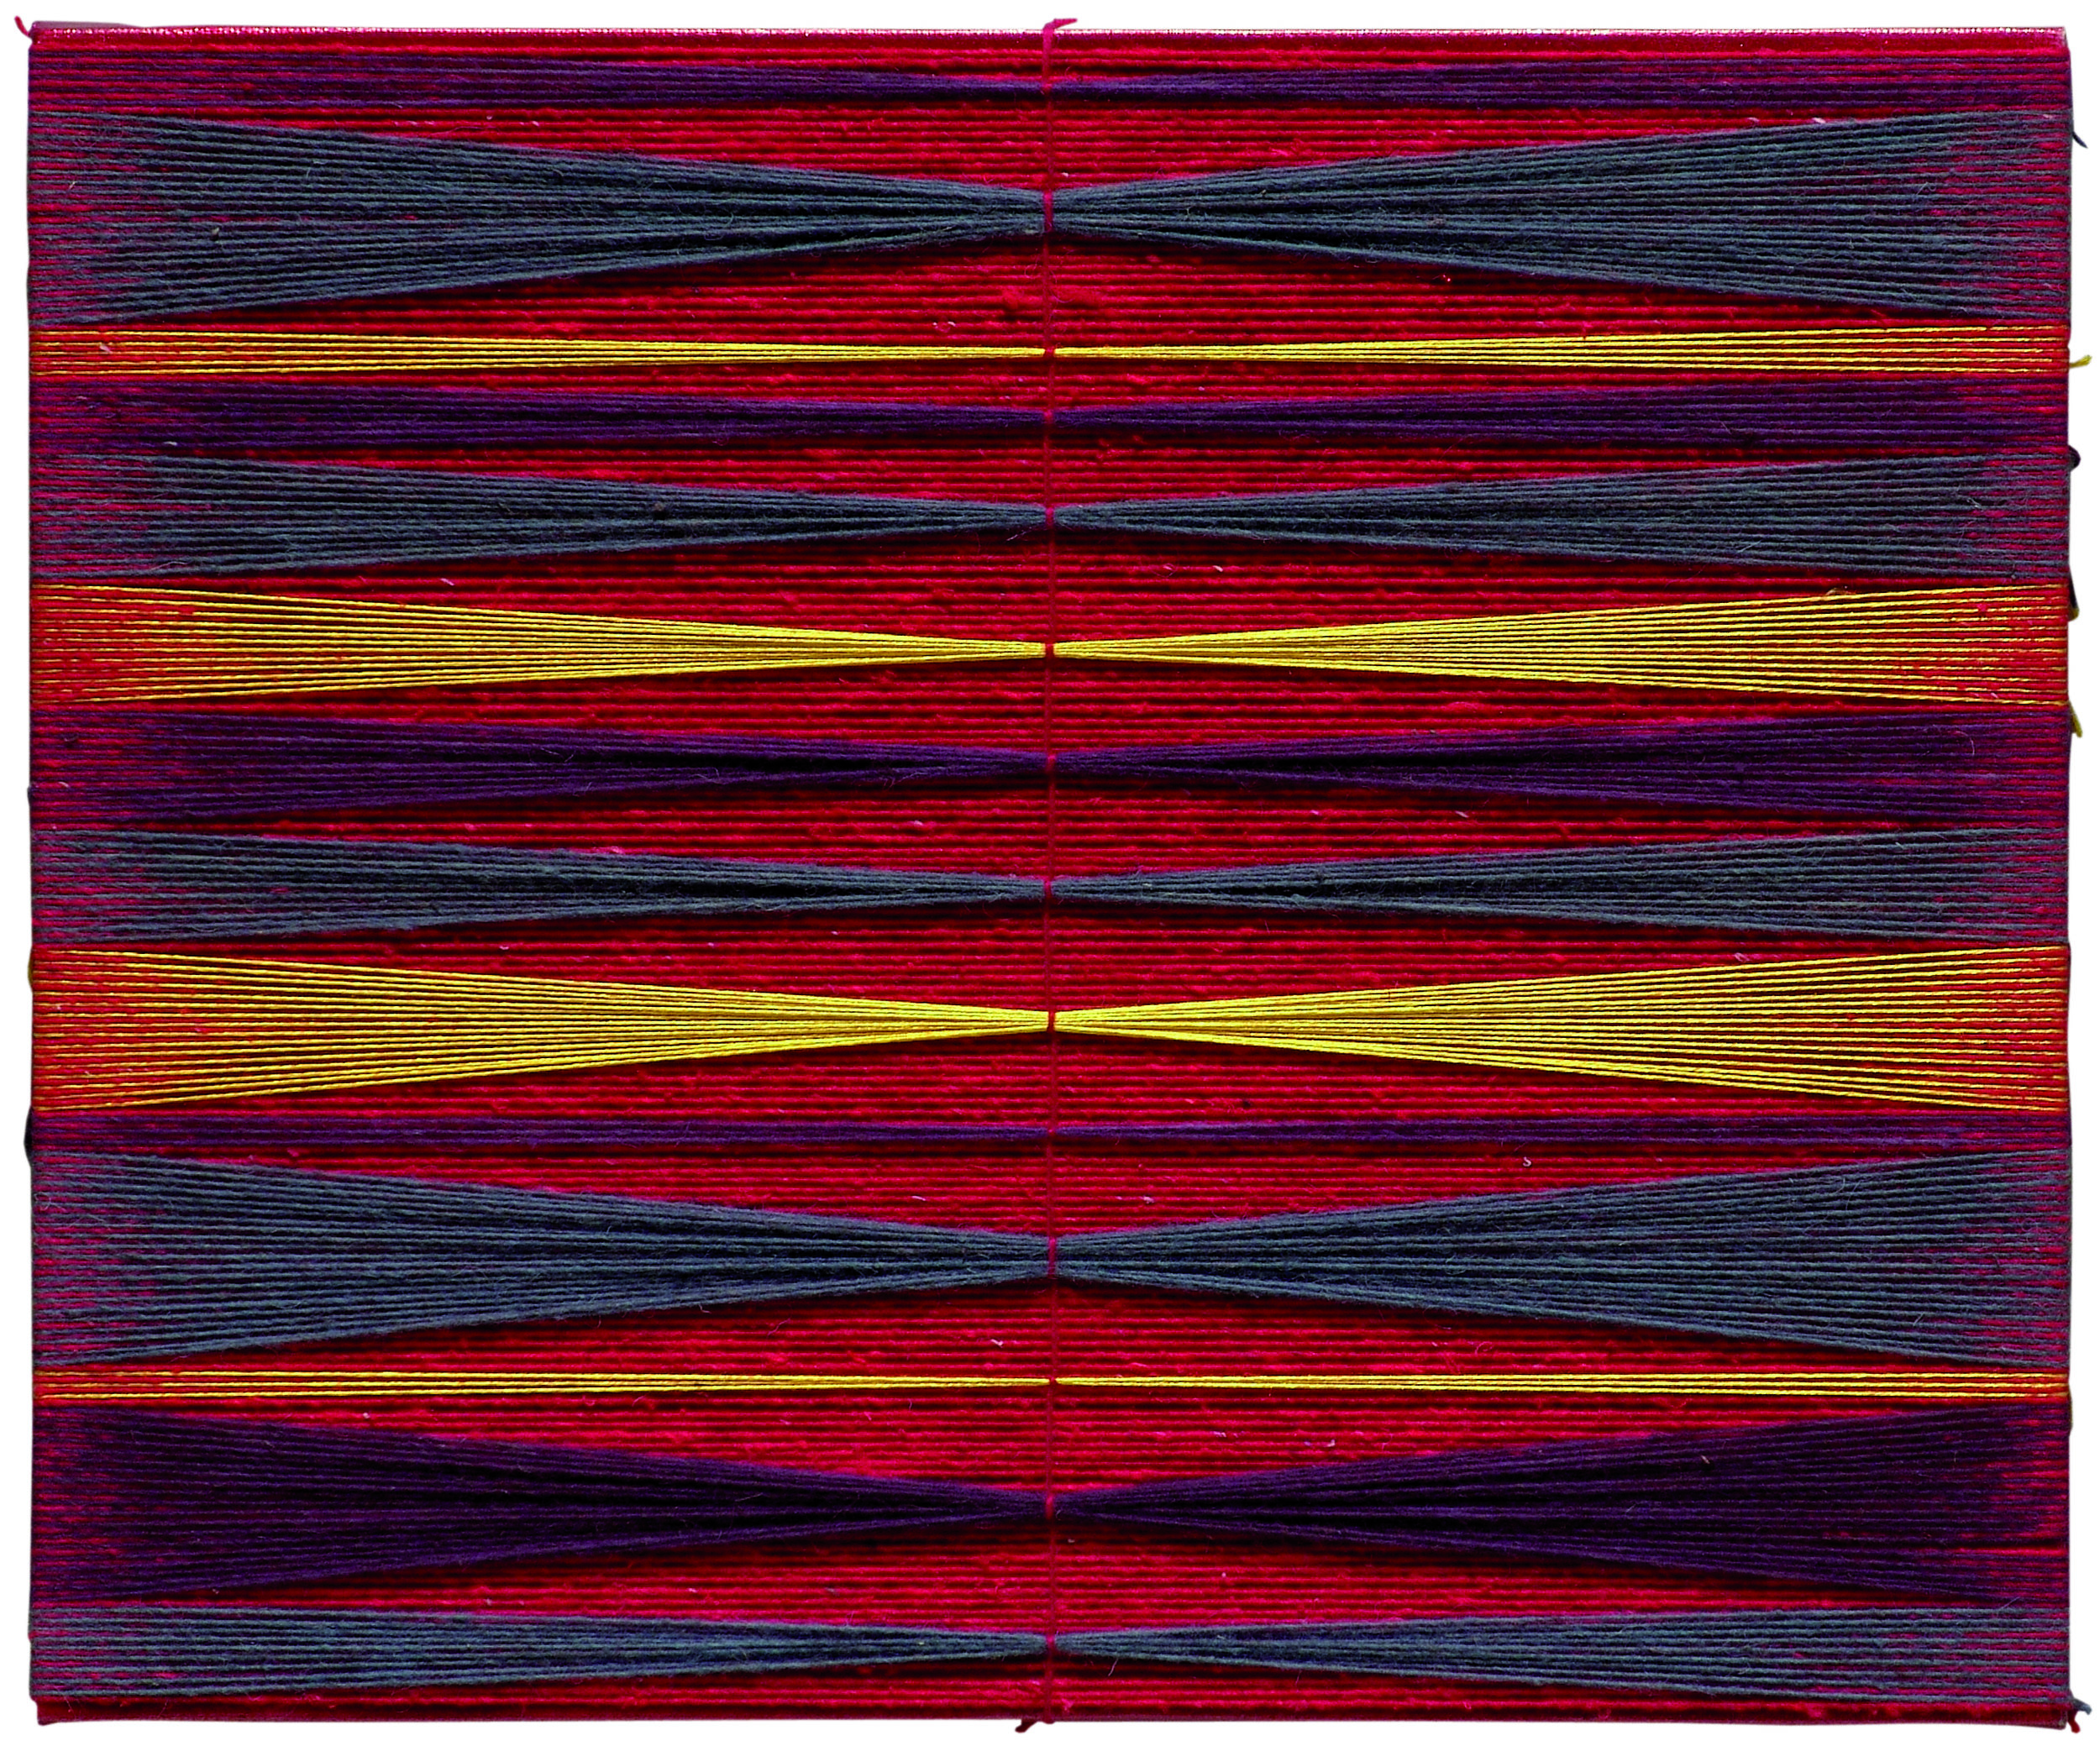 truccata per scherzo  2007  cotton, raw Mexican wool  19 x 23 in.